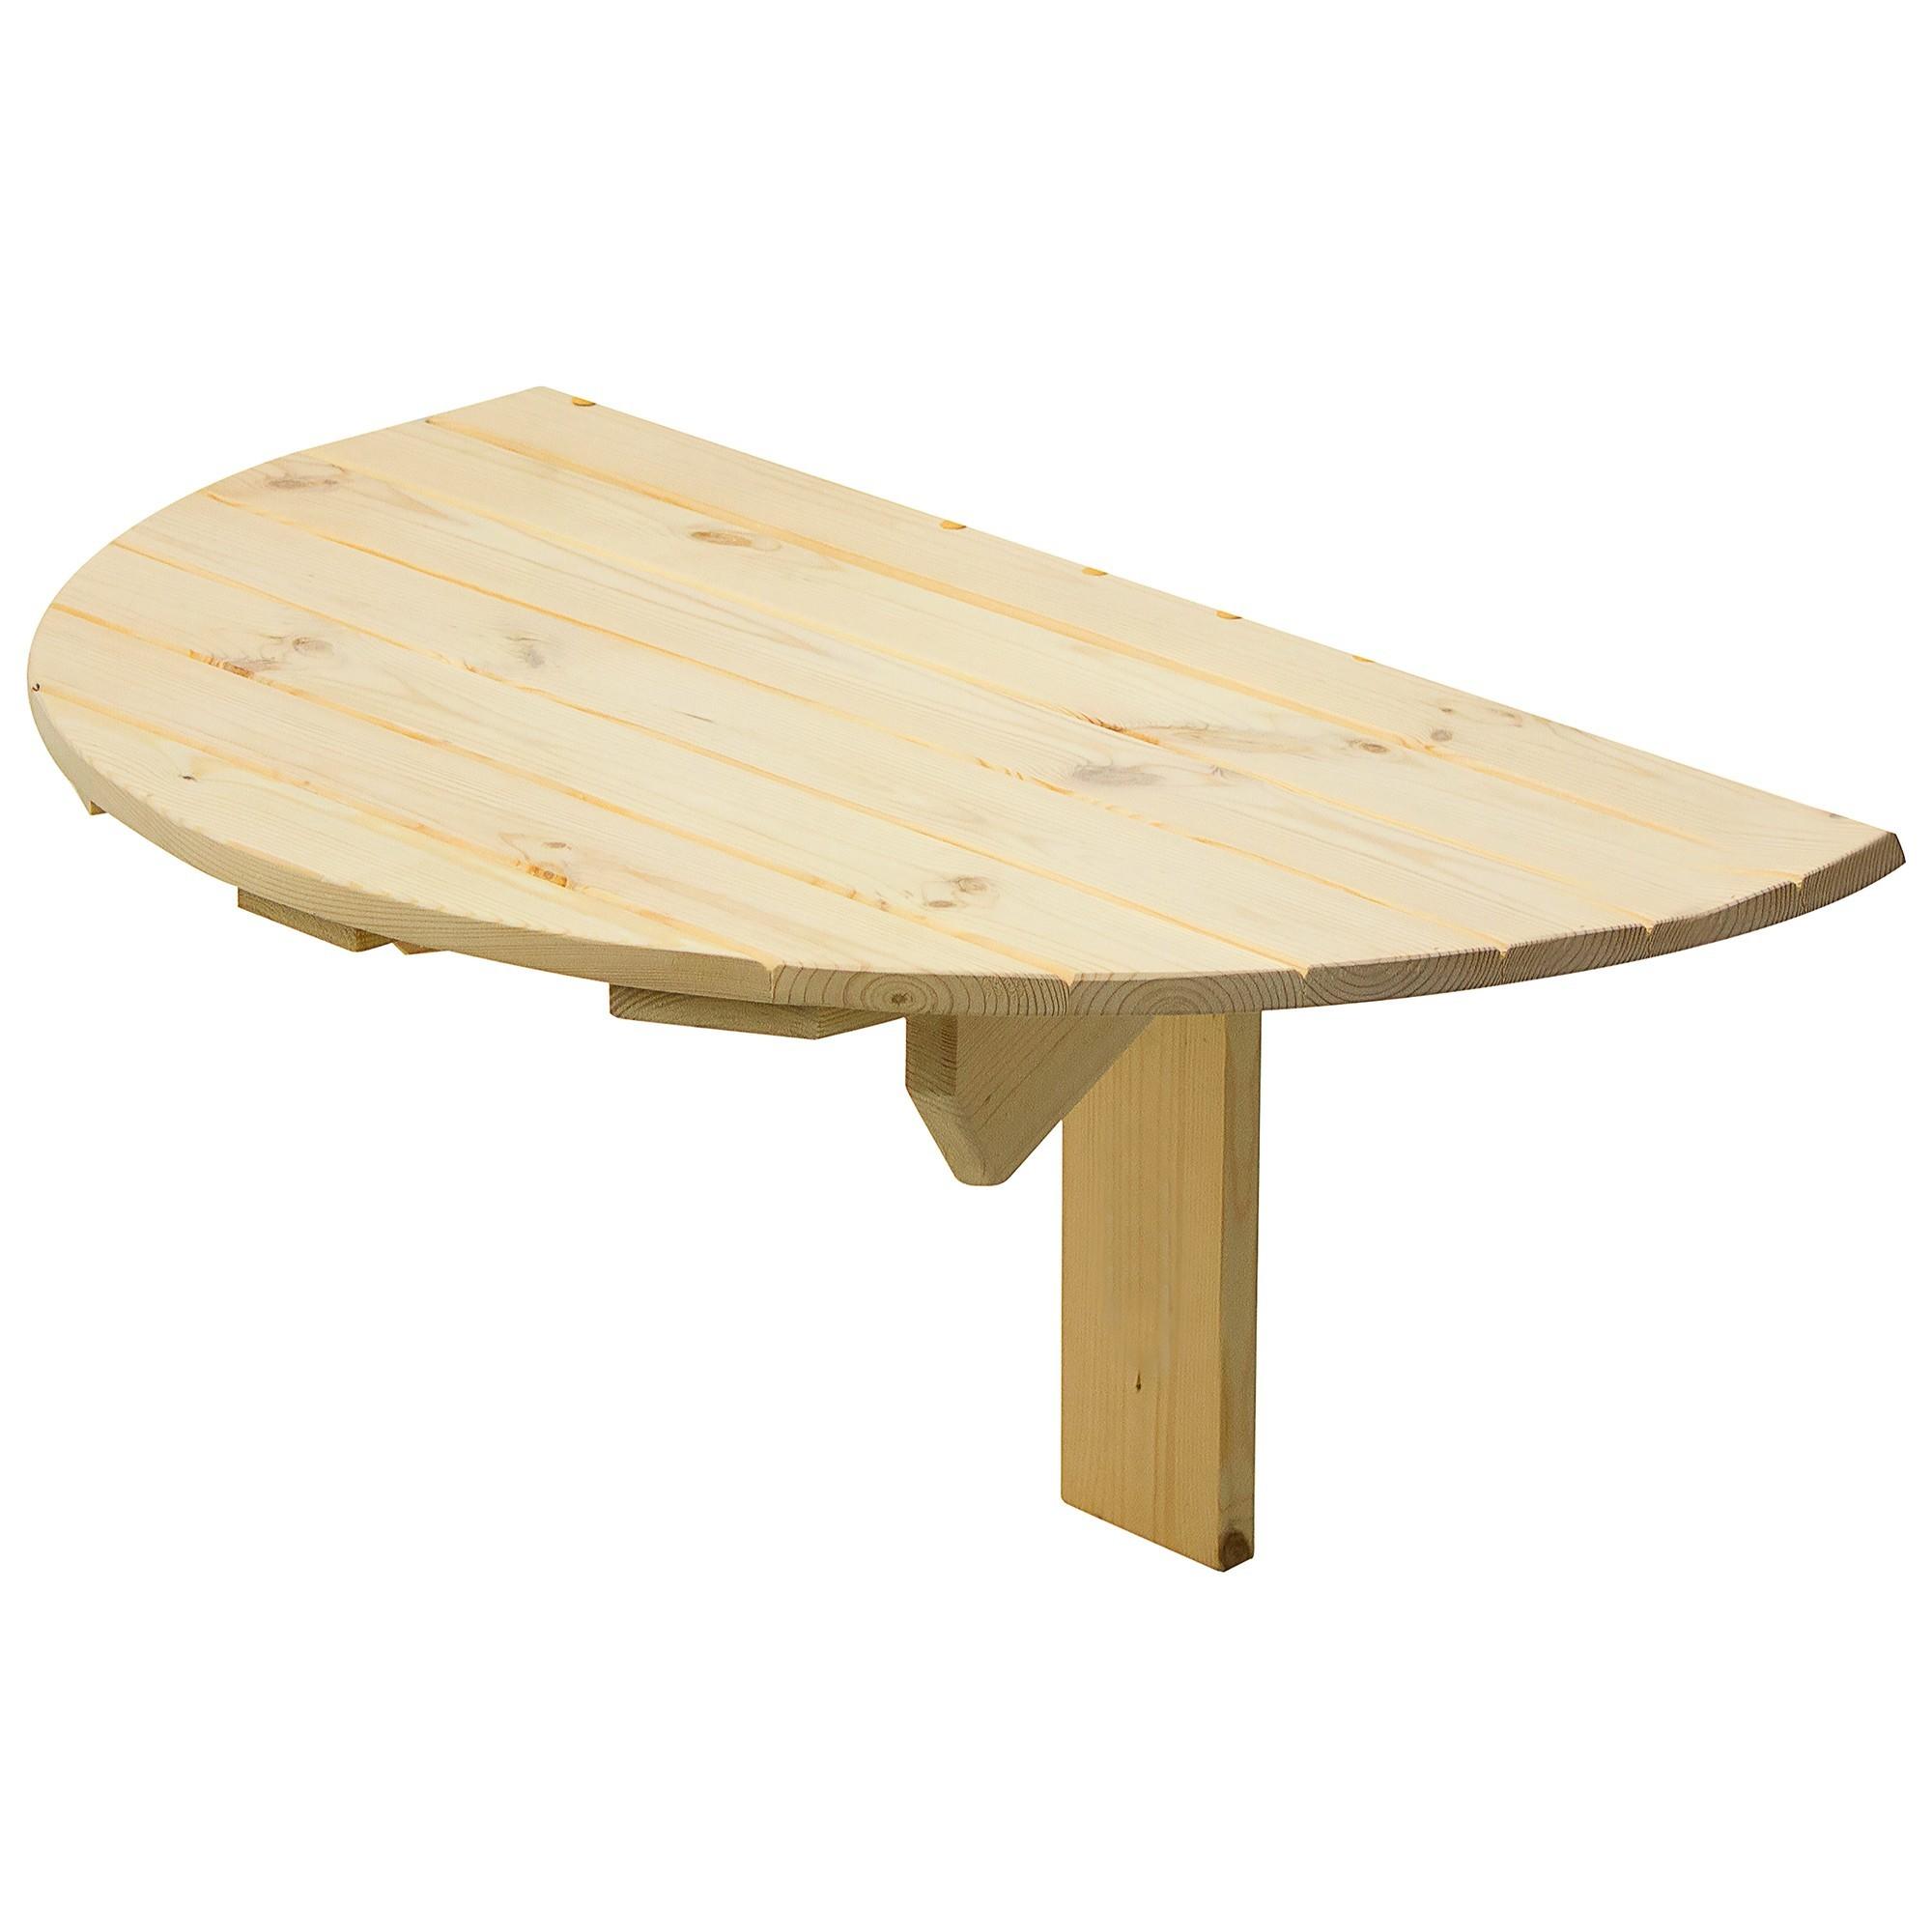 Стол навесной пристенный, откидывающийся полукруглый 80x42x50 см